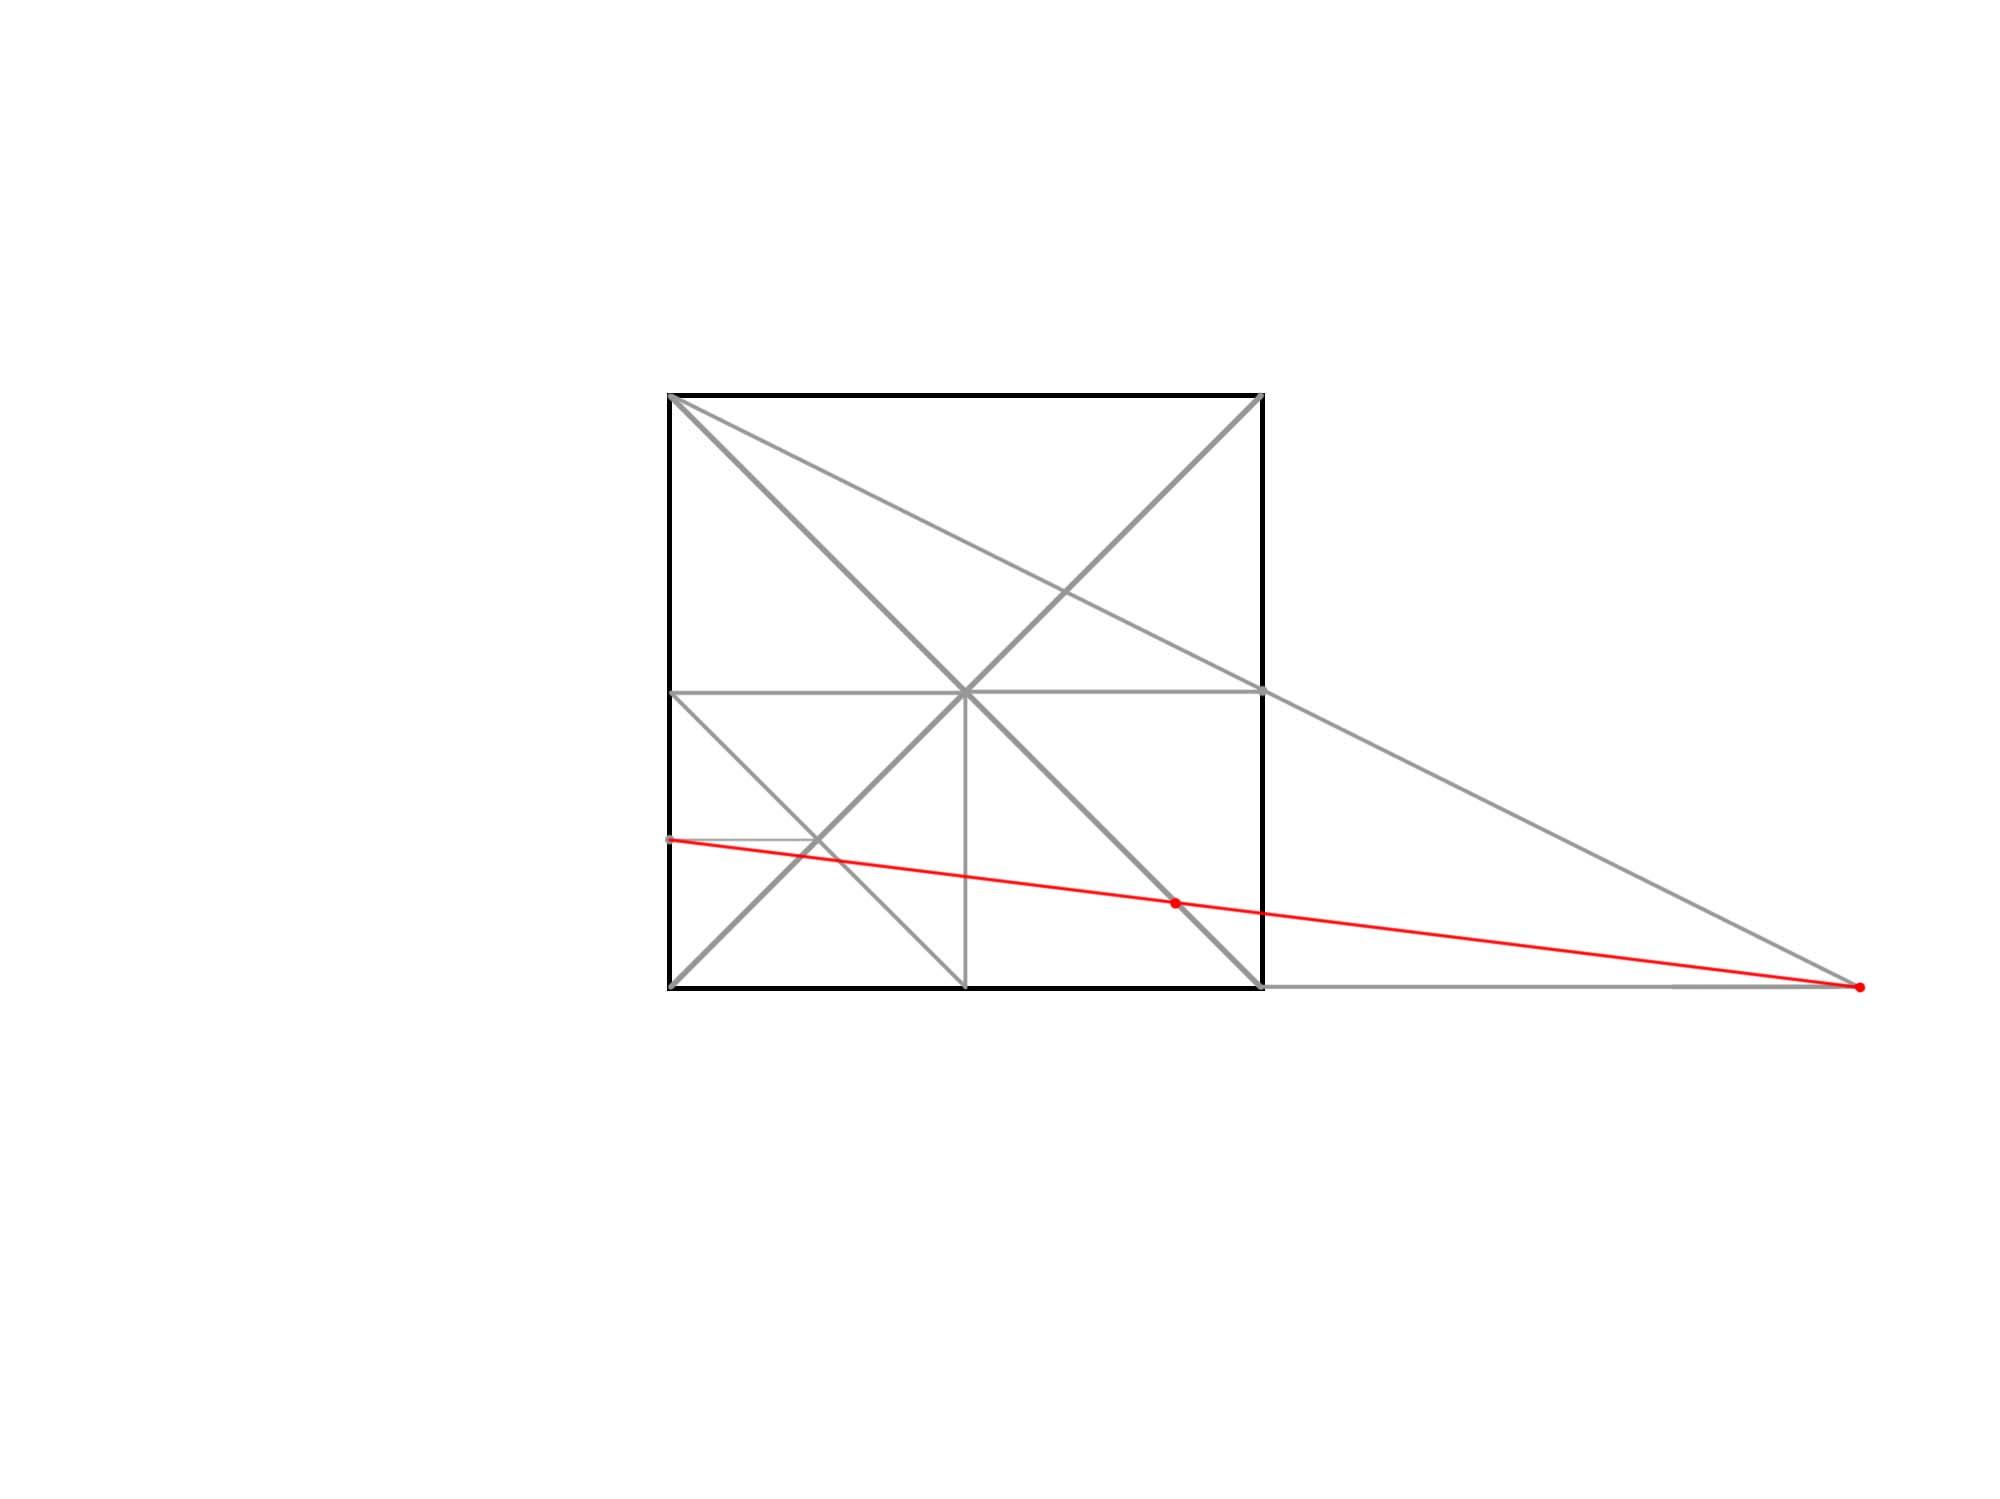 正方形を使って円を描く⑤